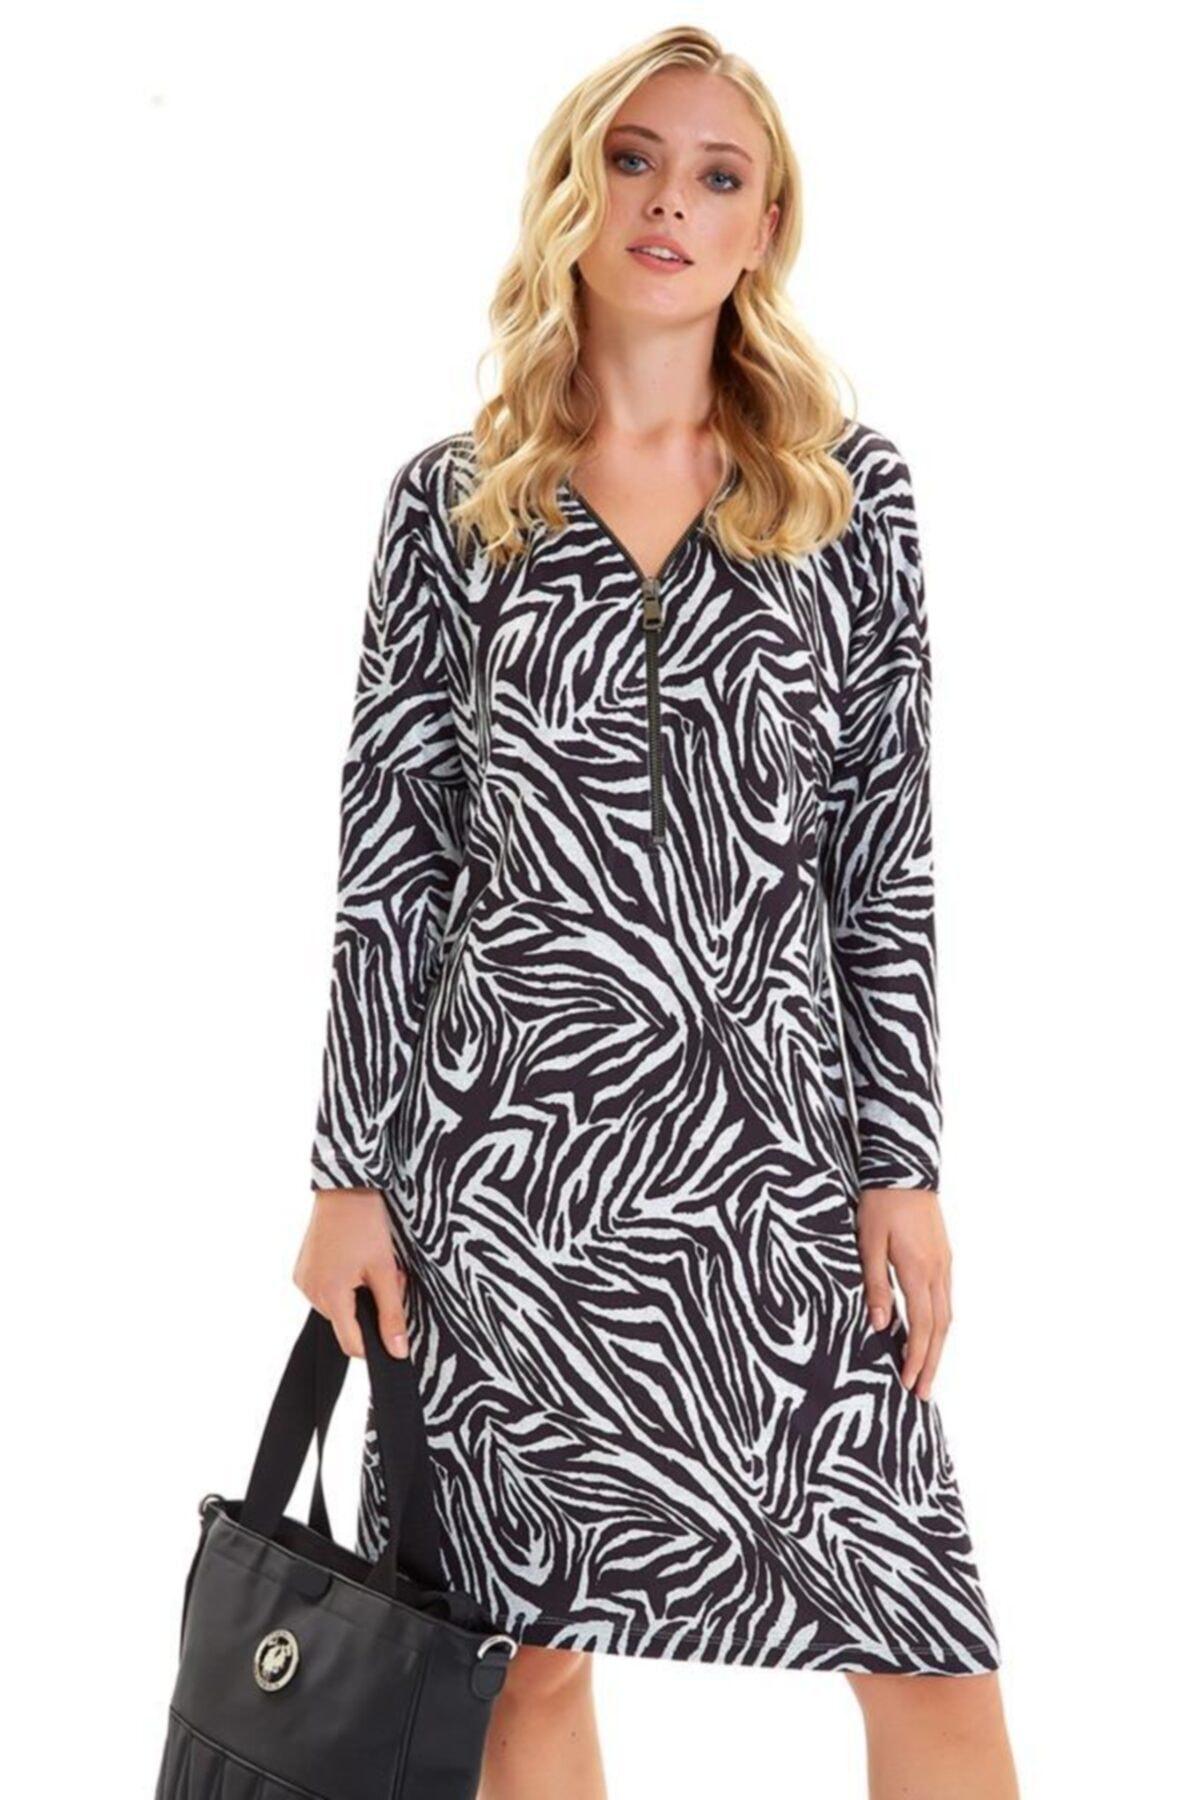 İKİLER Yakası Metal Fermuarlı Zebra Desen Elbise 201-2511 1